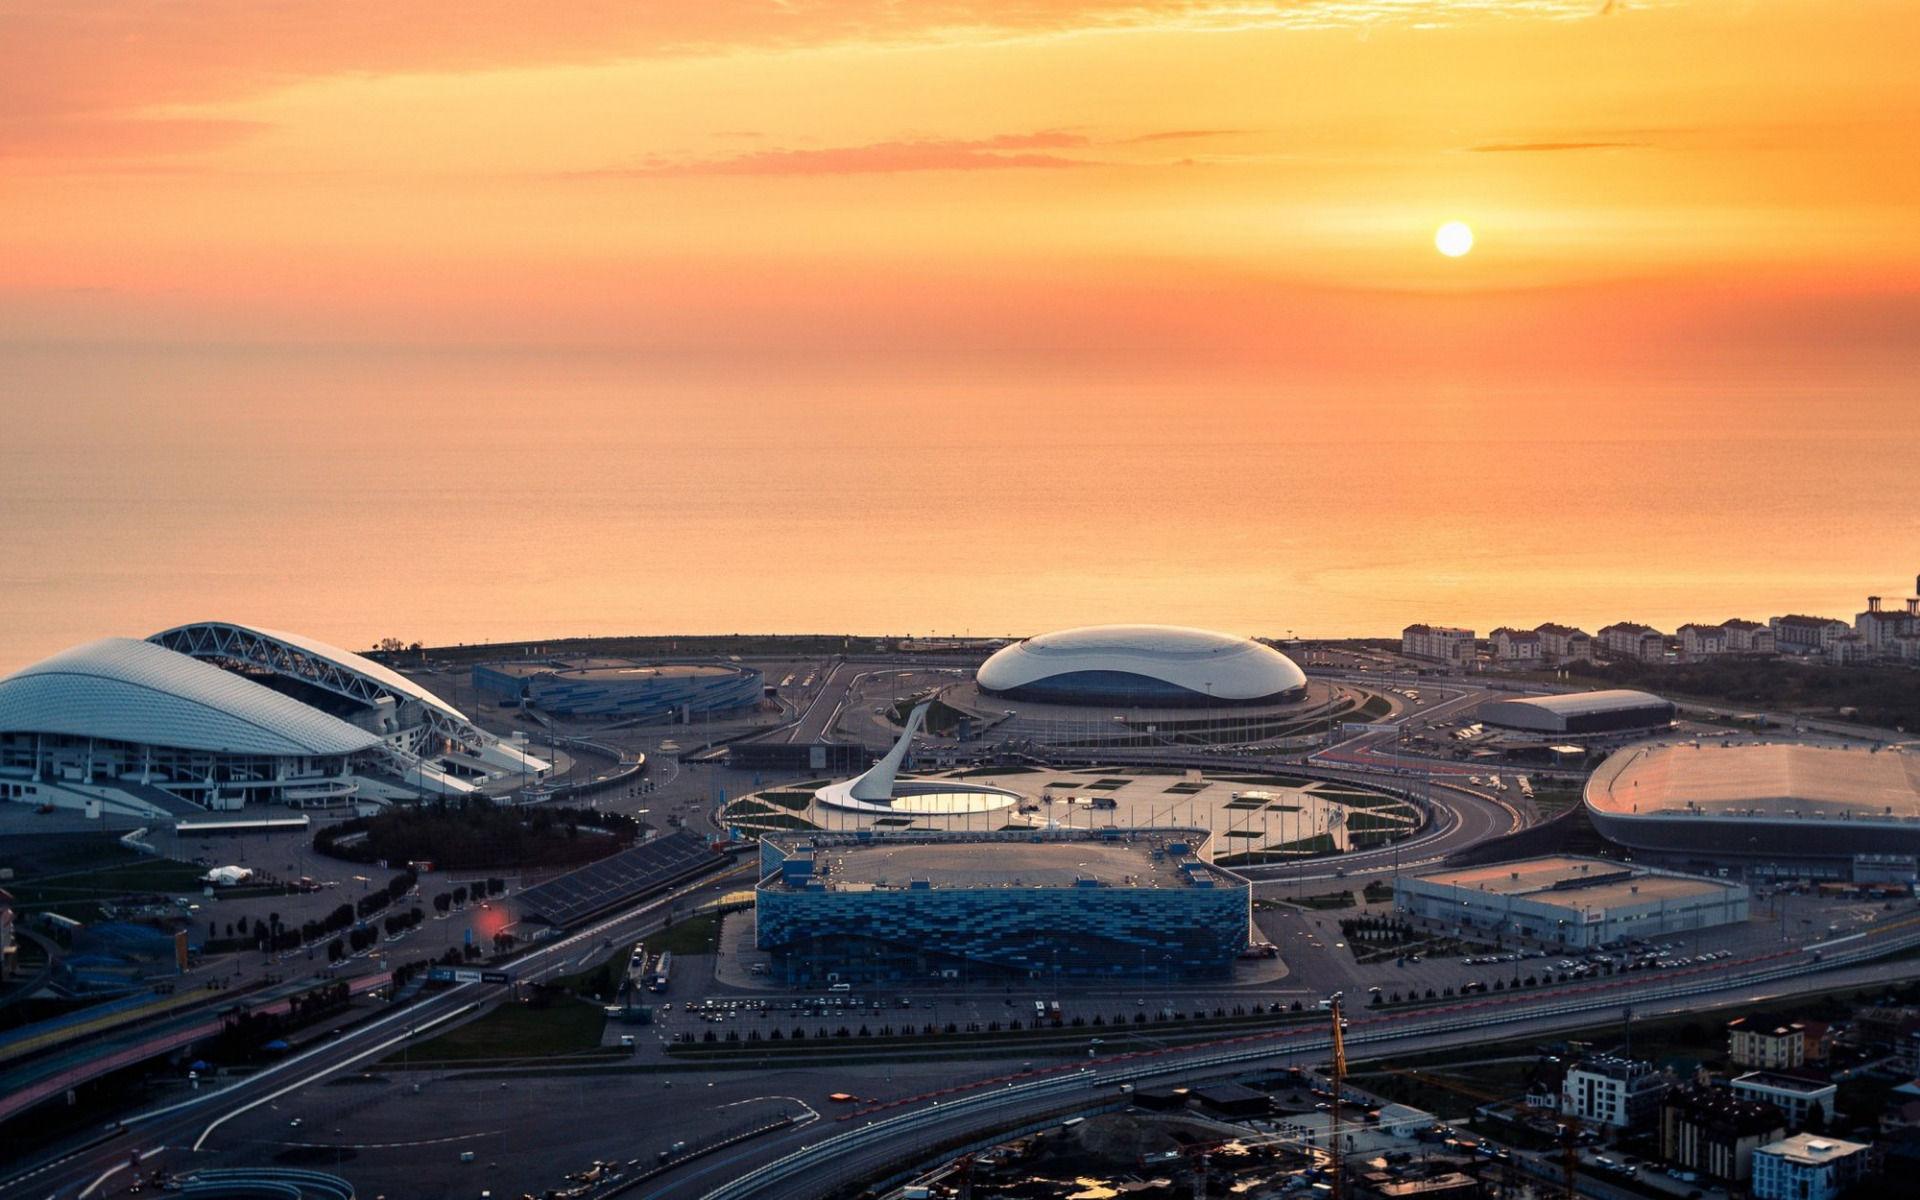 Вечерний Сочи и шоу фонтанов в Олимпийском парке